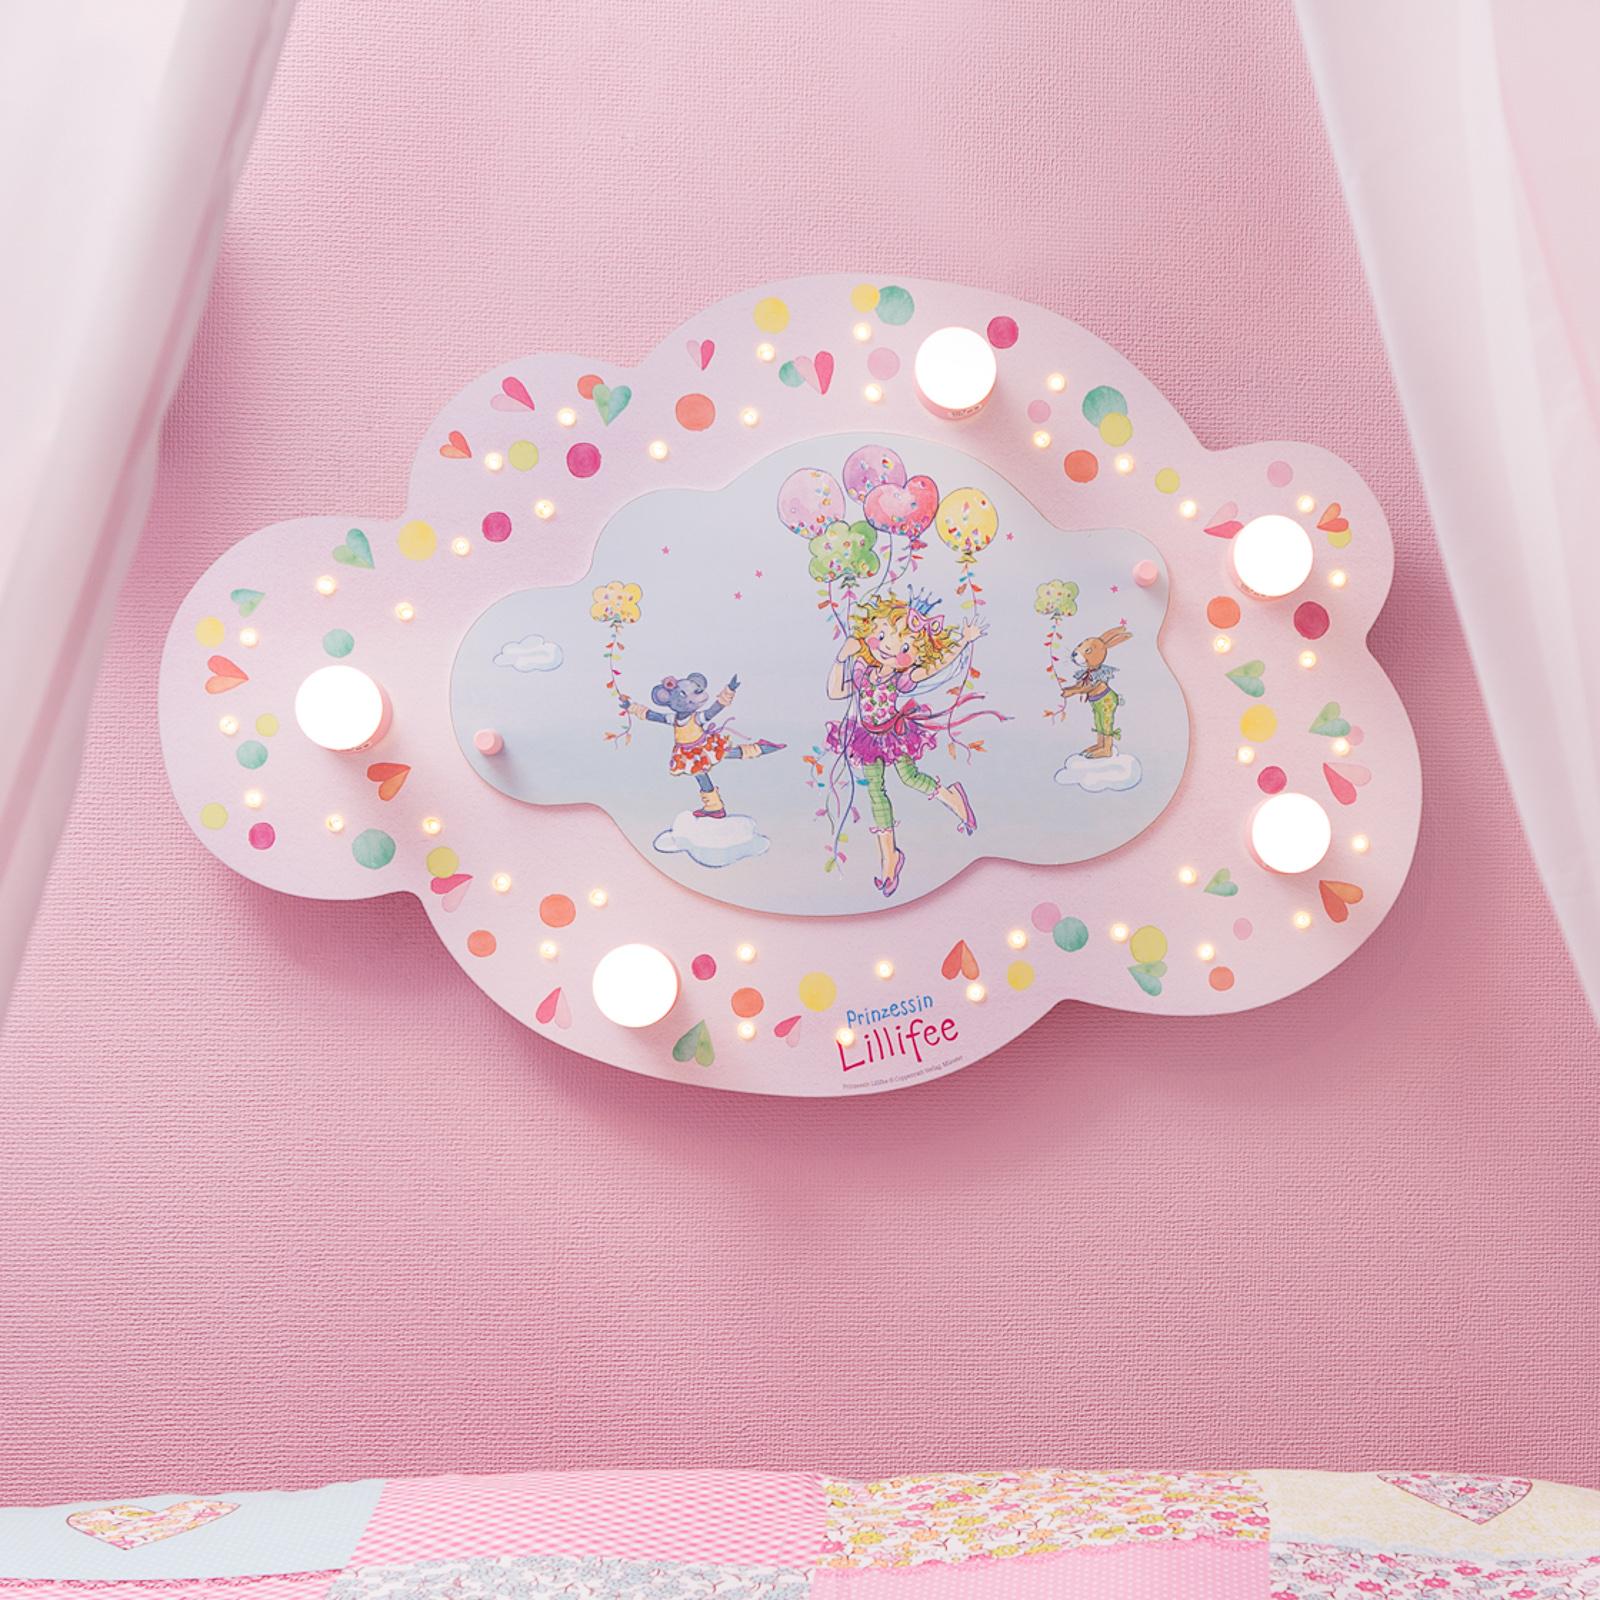 Deckenleuchte Prinzessin Lillifee mit LEDs Wolke